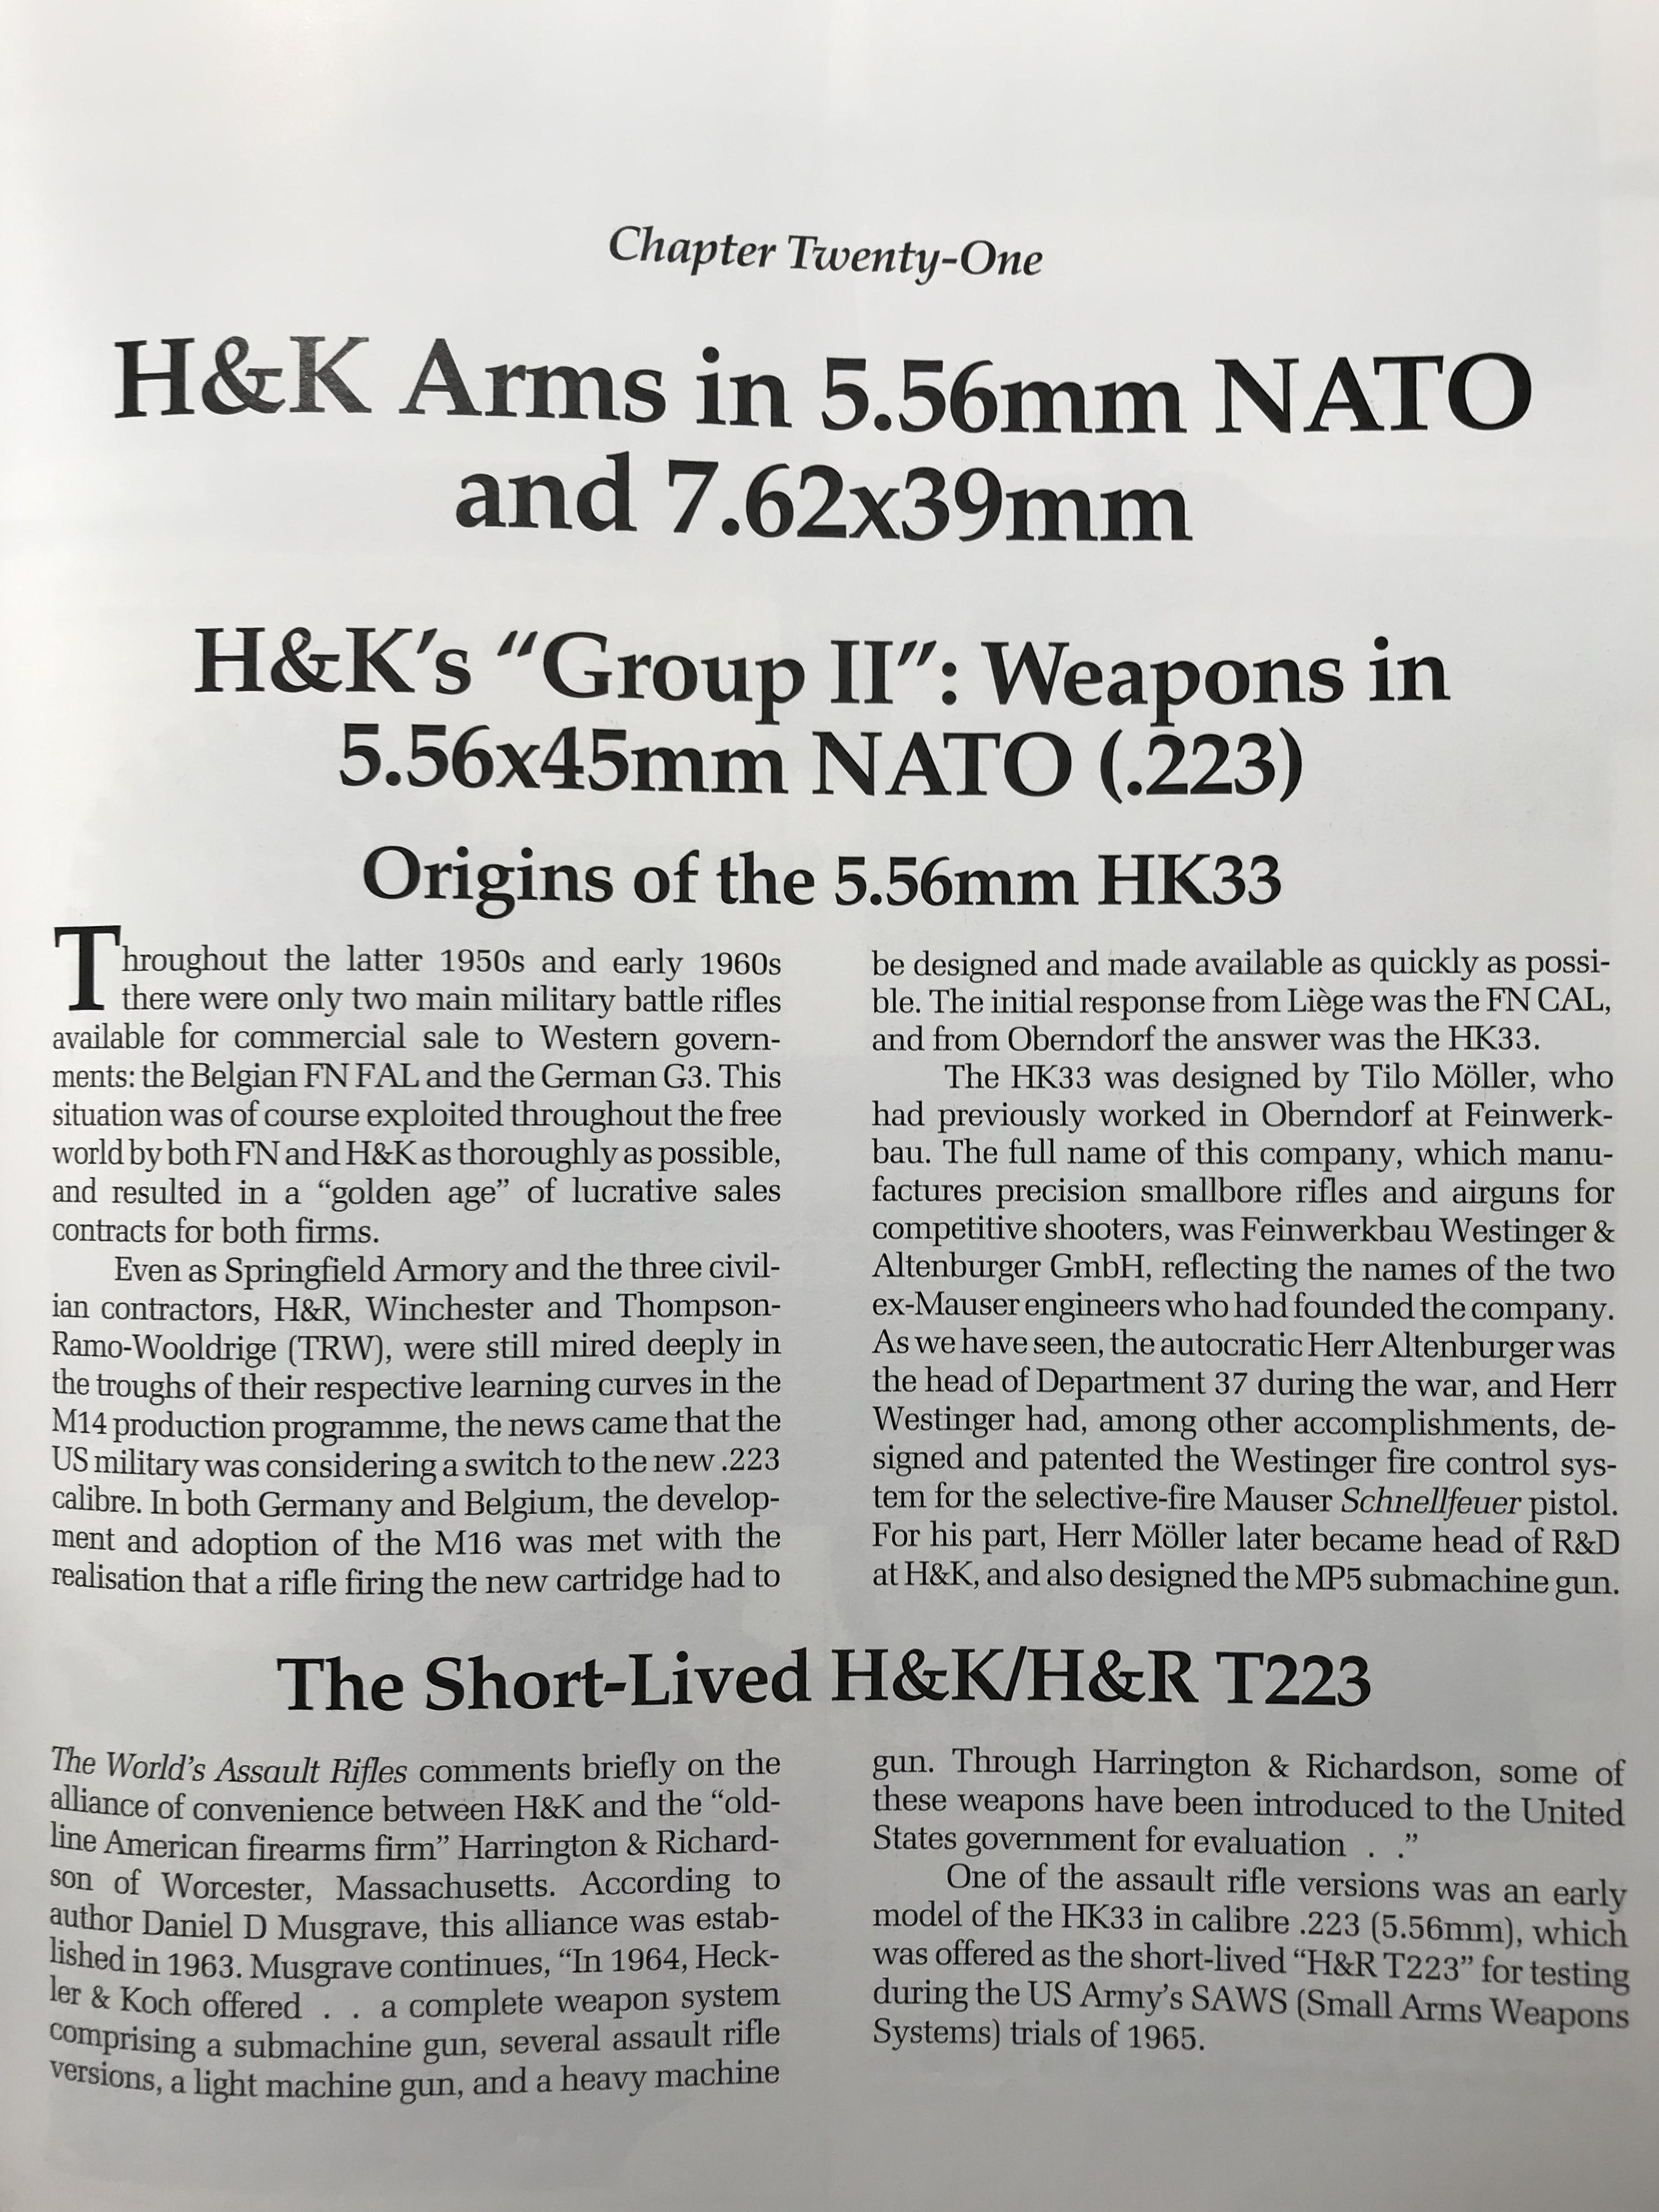 So how rare are the H&R T223 mags?-eac8e6cc-bfdc-4e38-a2cb-f9a98f596231.jpeg